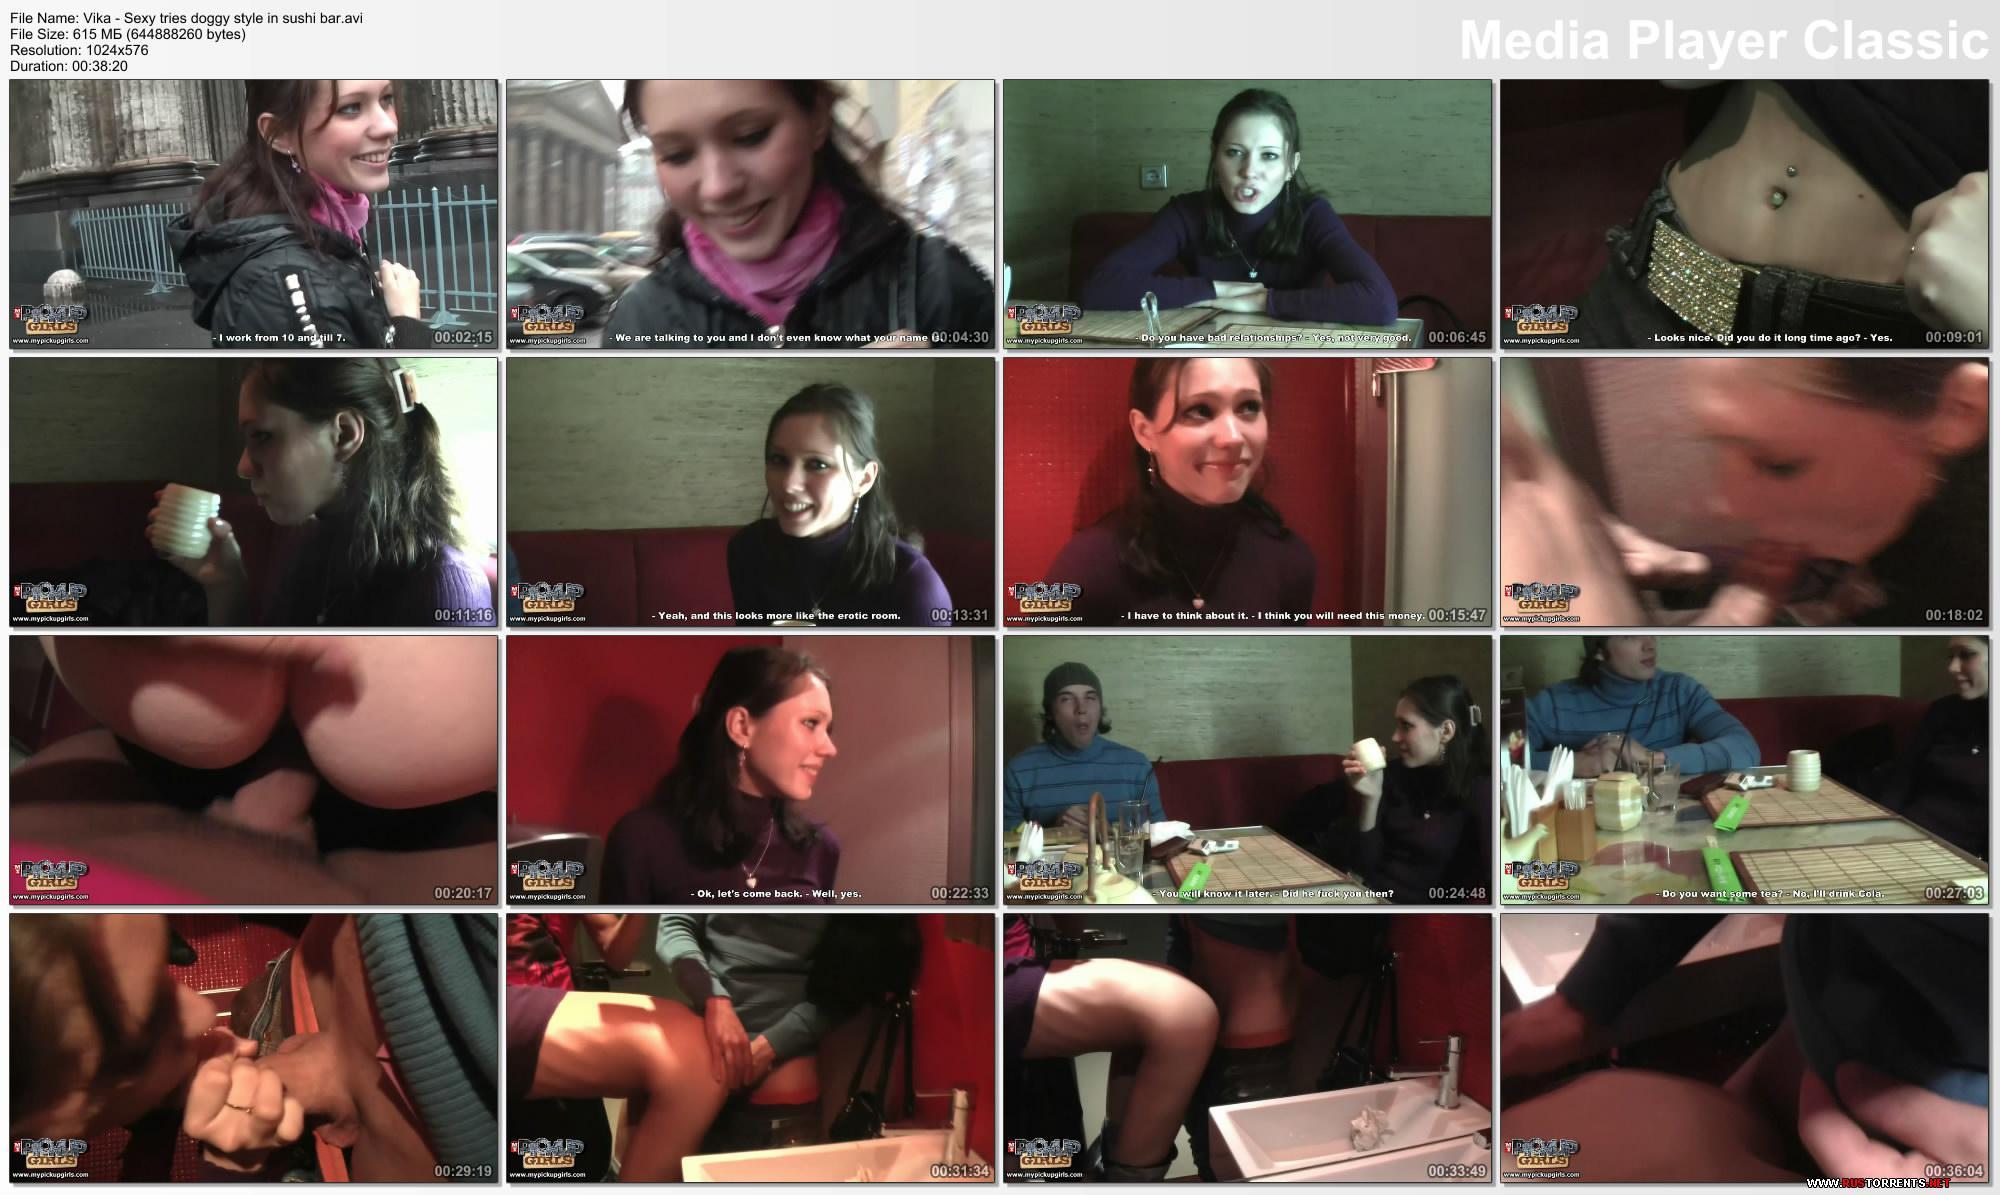 Скриншот 2:Девочку сняли на Невском и трахнули в попочку в суши-баре